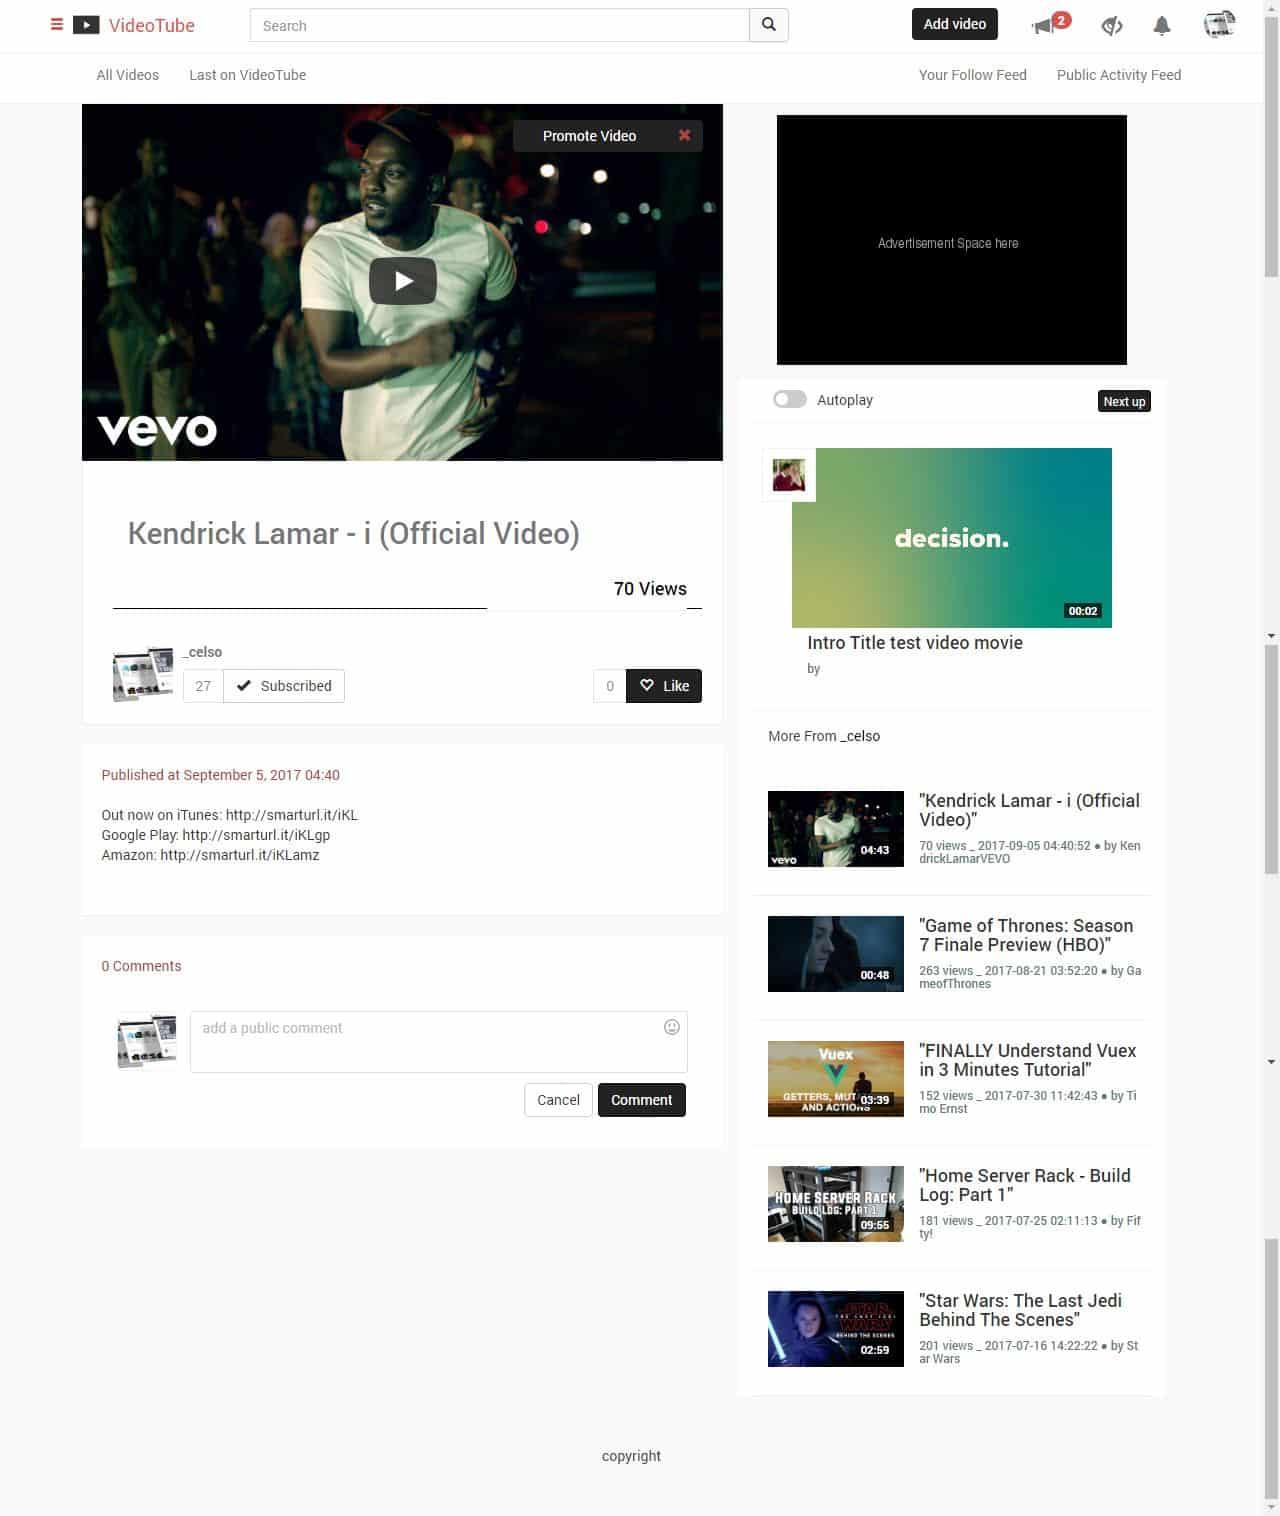 اسکریپت VideoTube